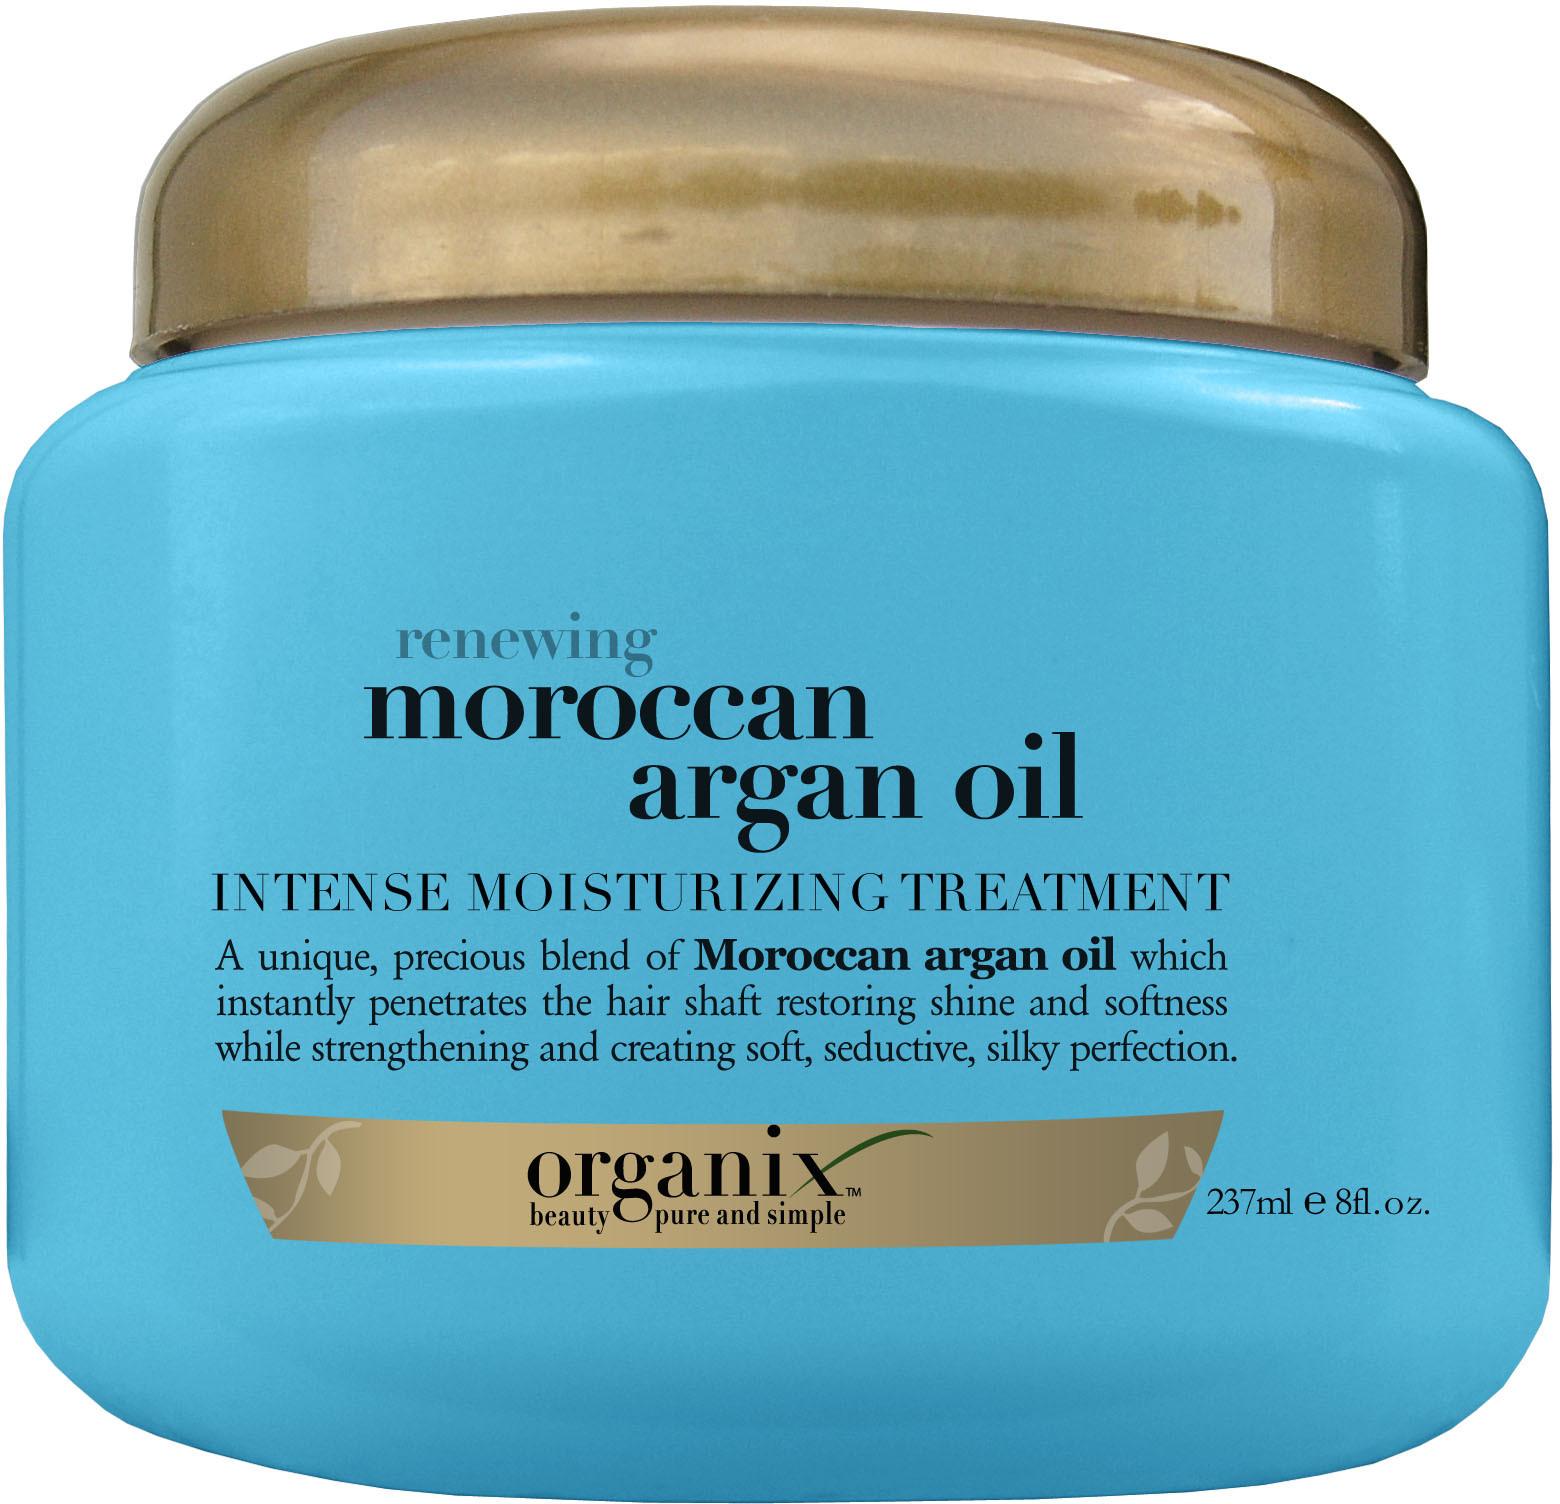 Moroccan Argan Oil For Hair Price Organix Moroccan Argan Oil